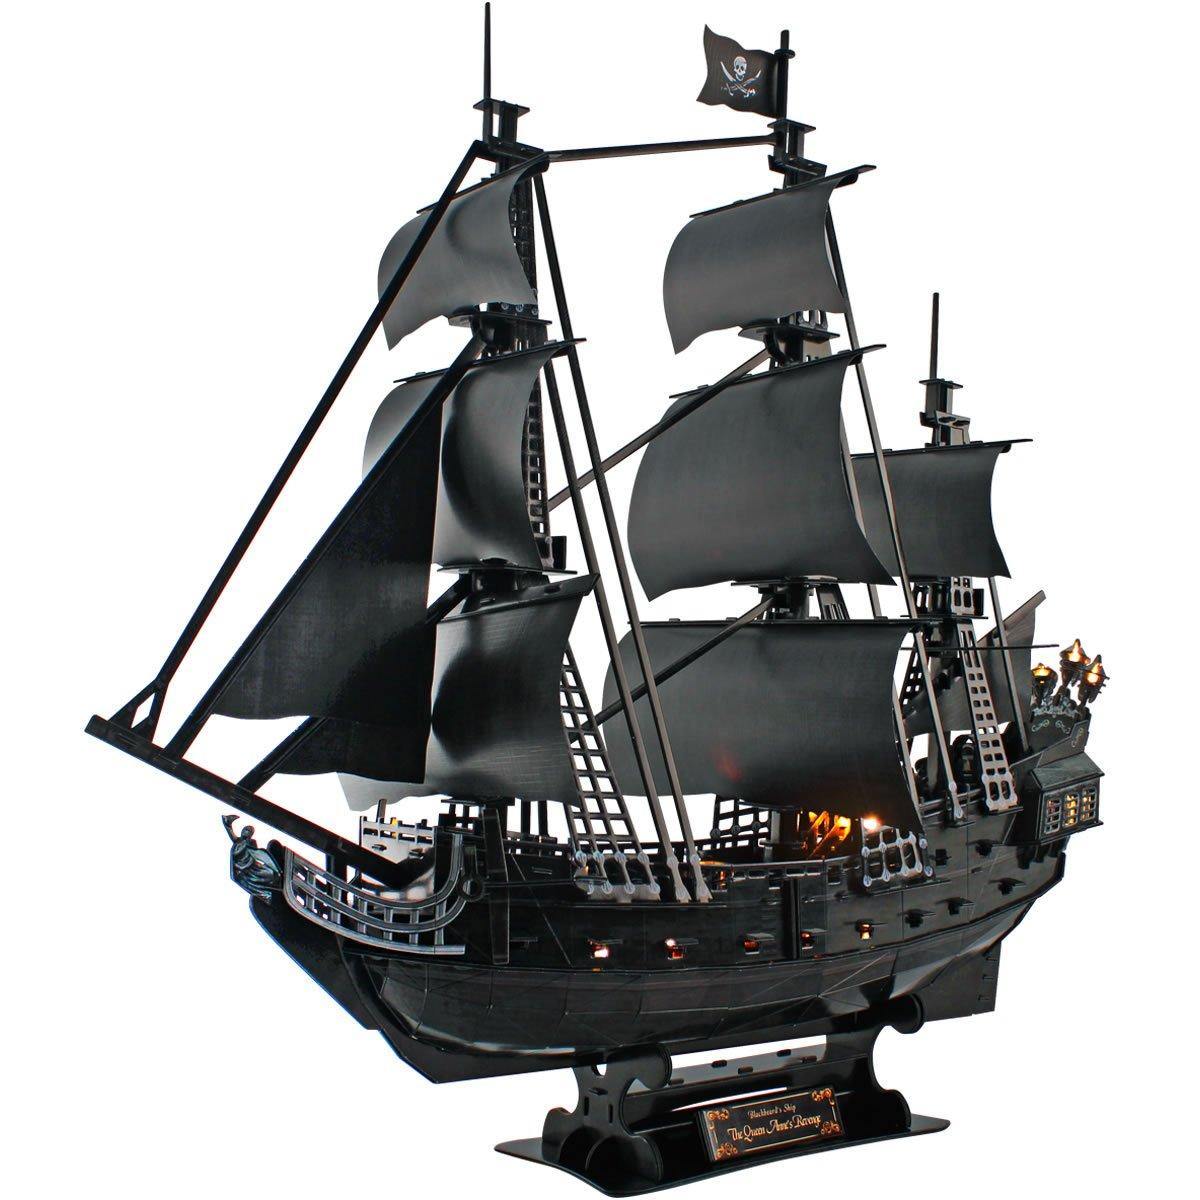 限定価格セール! (LED Queen Anne's Pcs Revenge) - - CubicFun L520h Queen Anne's Queen Revenge Pirate Ship Model Kit (with LEDs) 3d Puzzle, Large 340 Pcs B072Z7M7JZ, BEATIFIC-STORE:fd578430 --- a0267596.xsph.ru